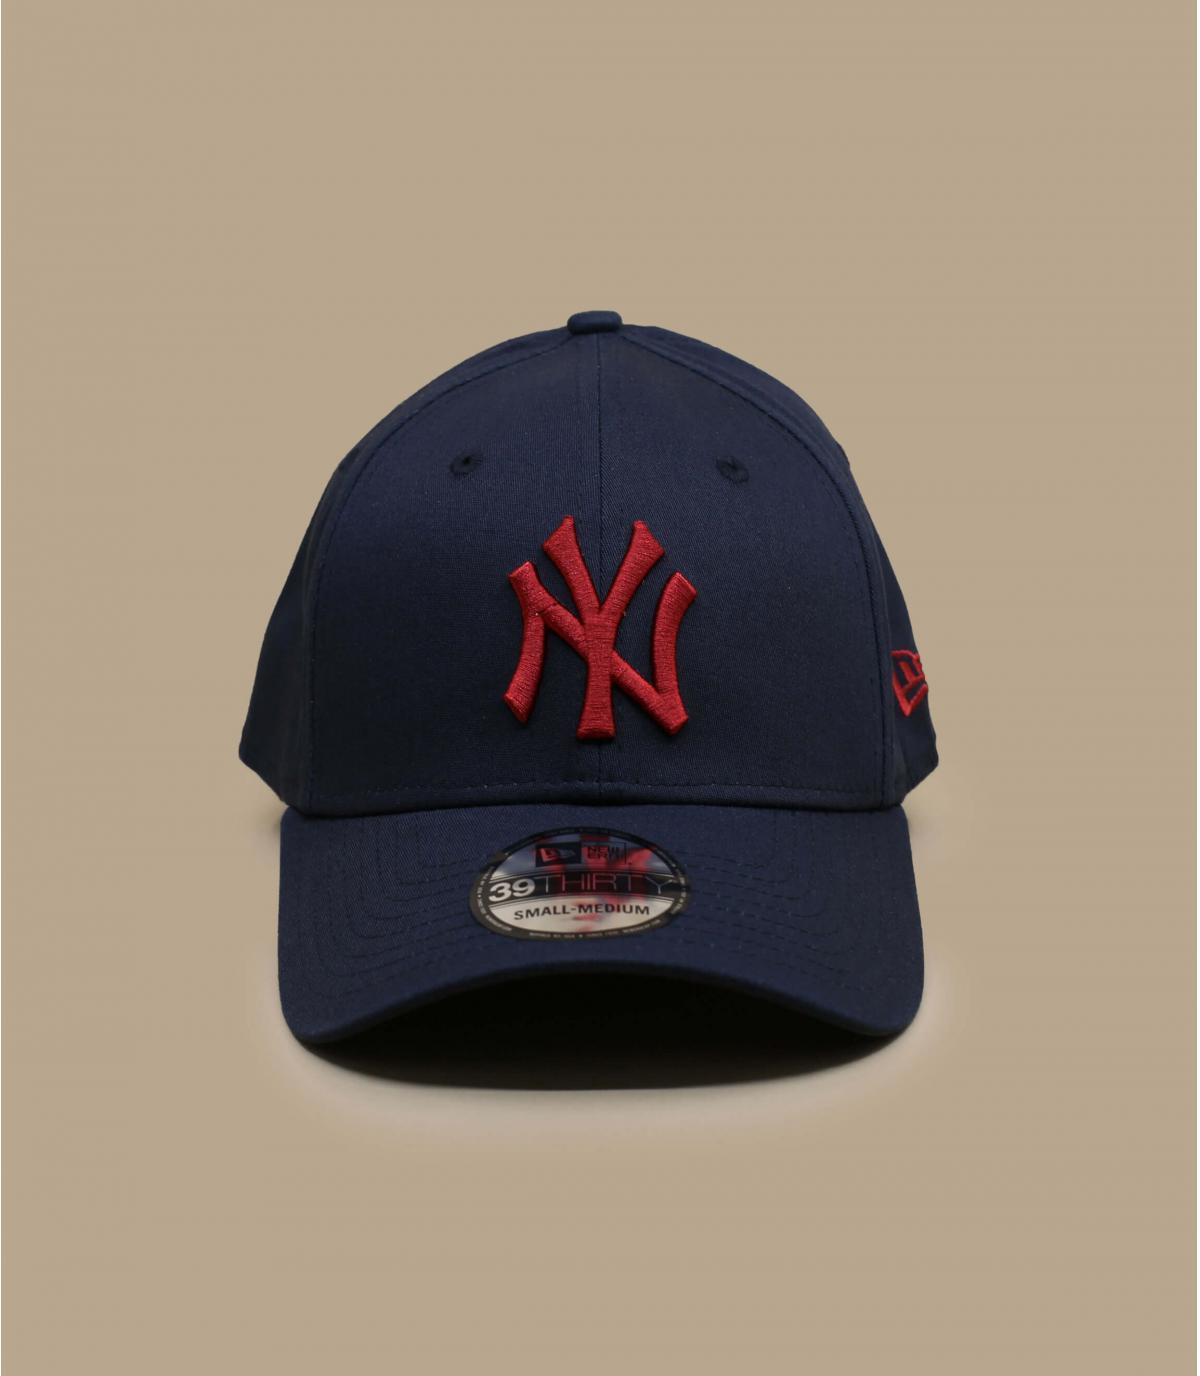 Détails Casquette League Ess 3930 NY navy scarlet - image 2